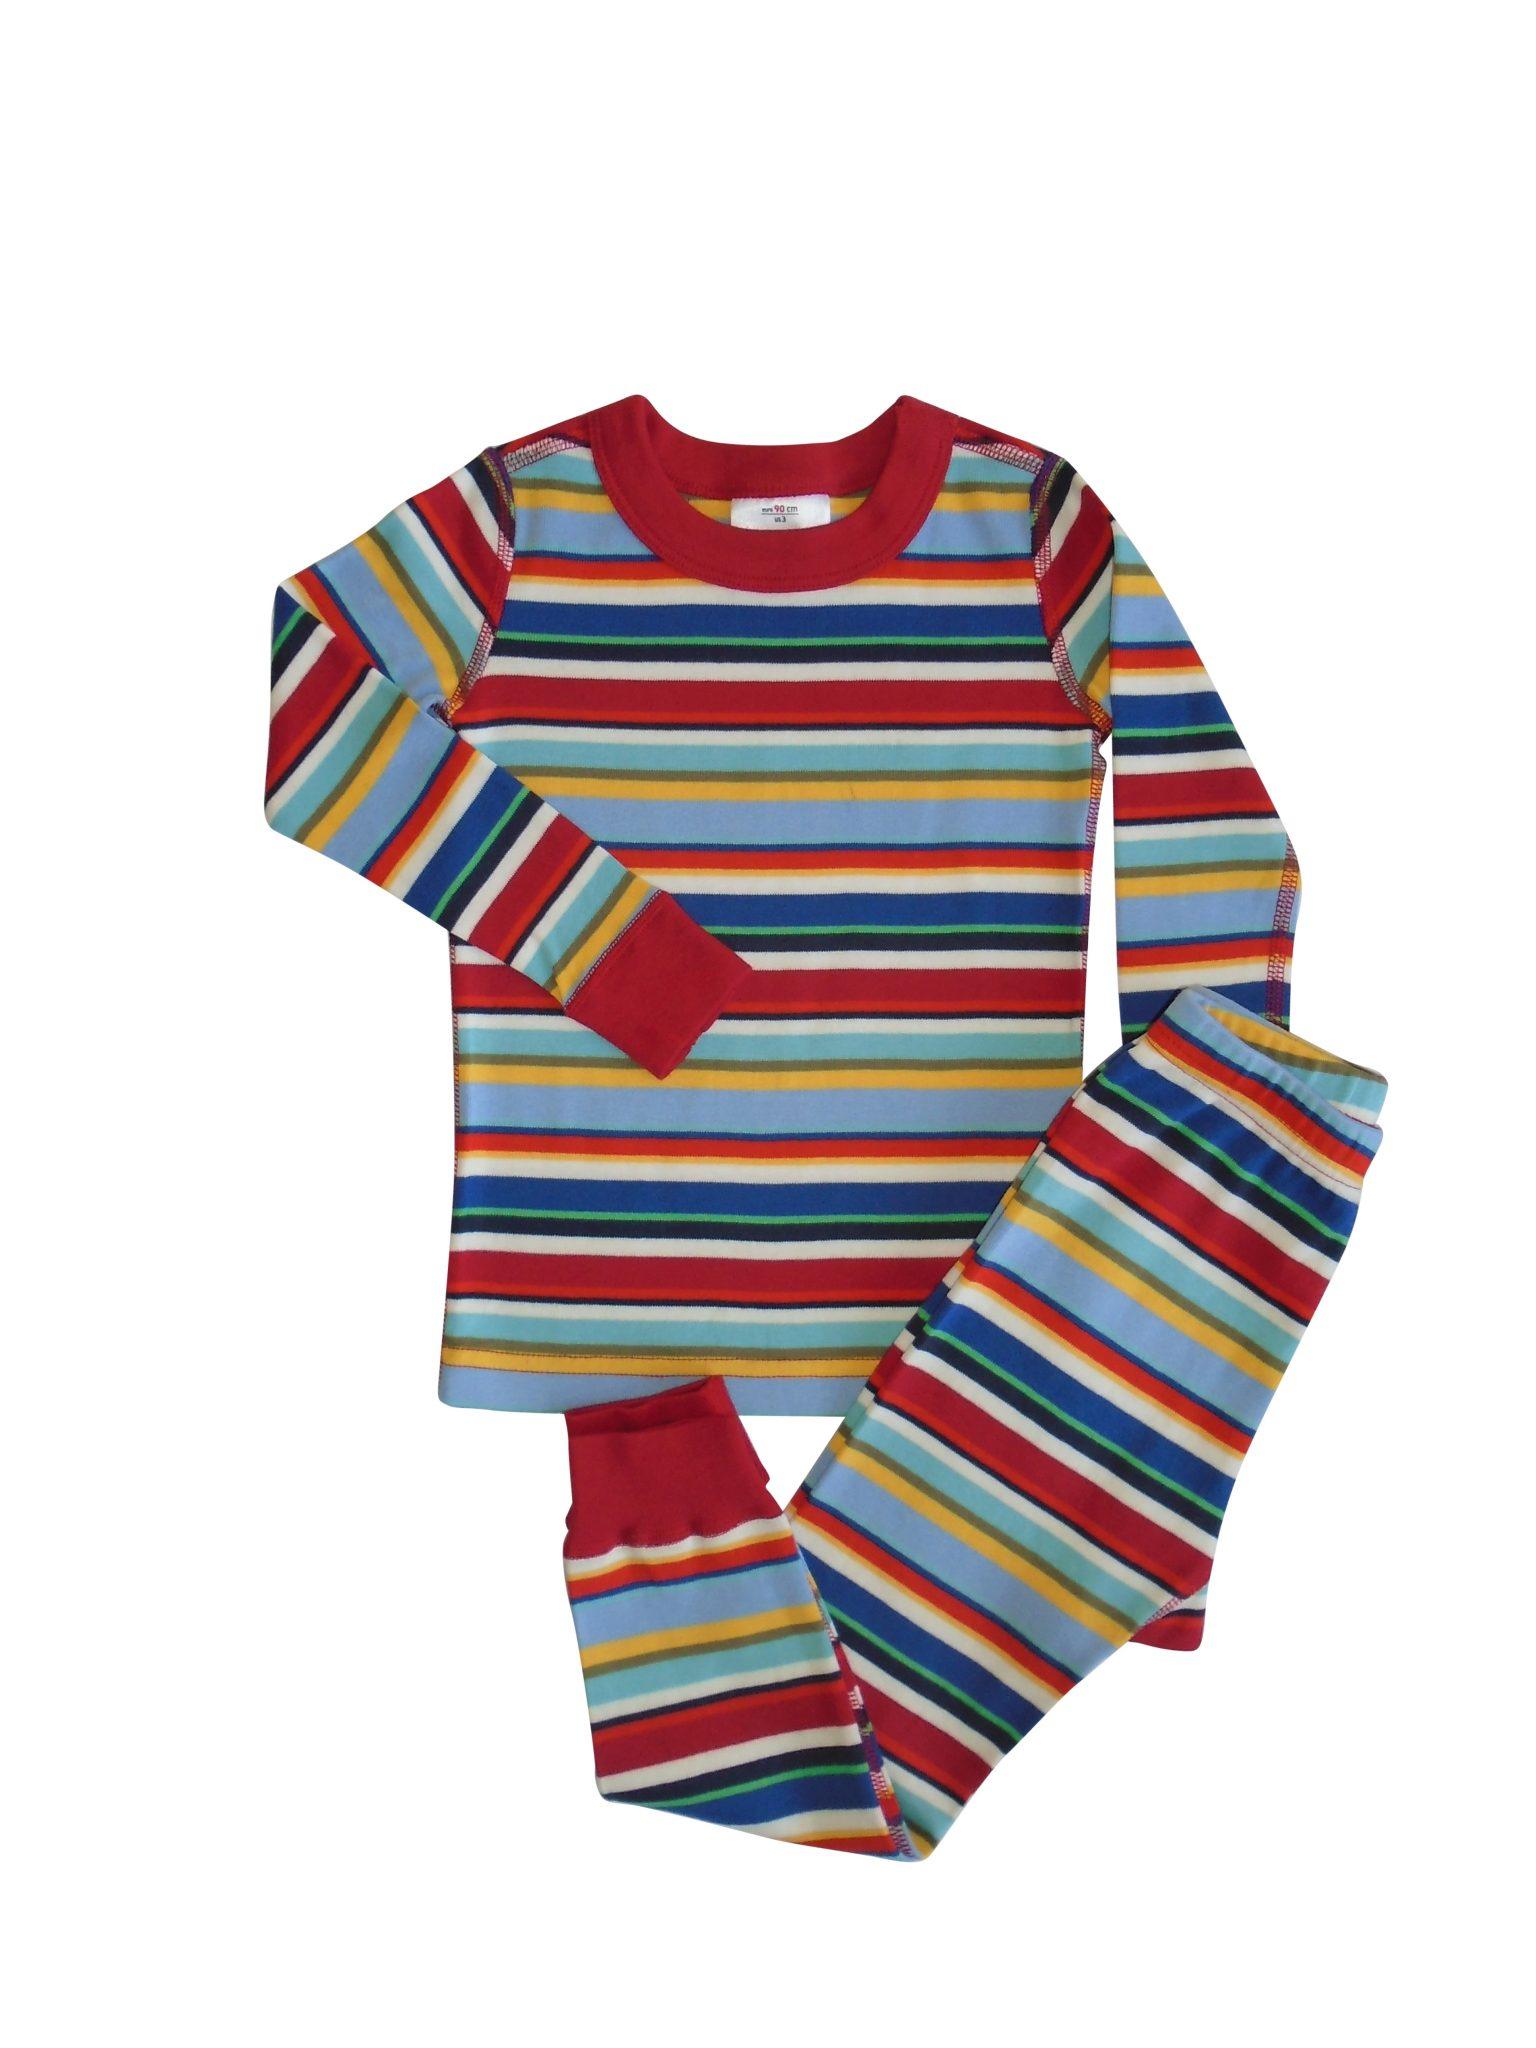 Pijama Listado Multicolor Orgánico 2 Piezas • Moonwear 5f1ac1723bff